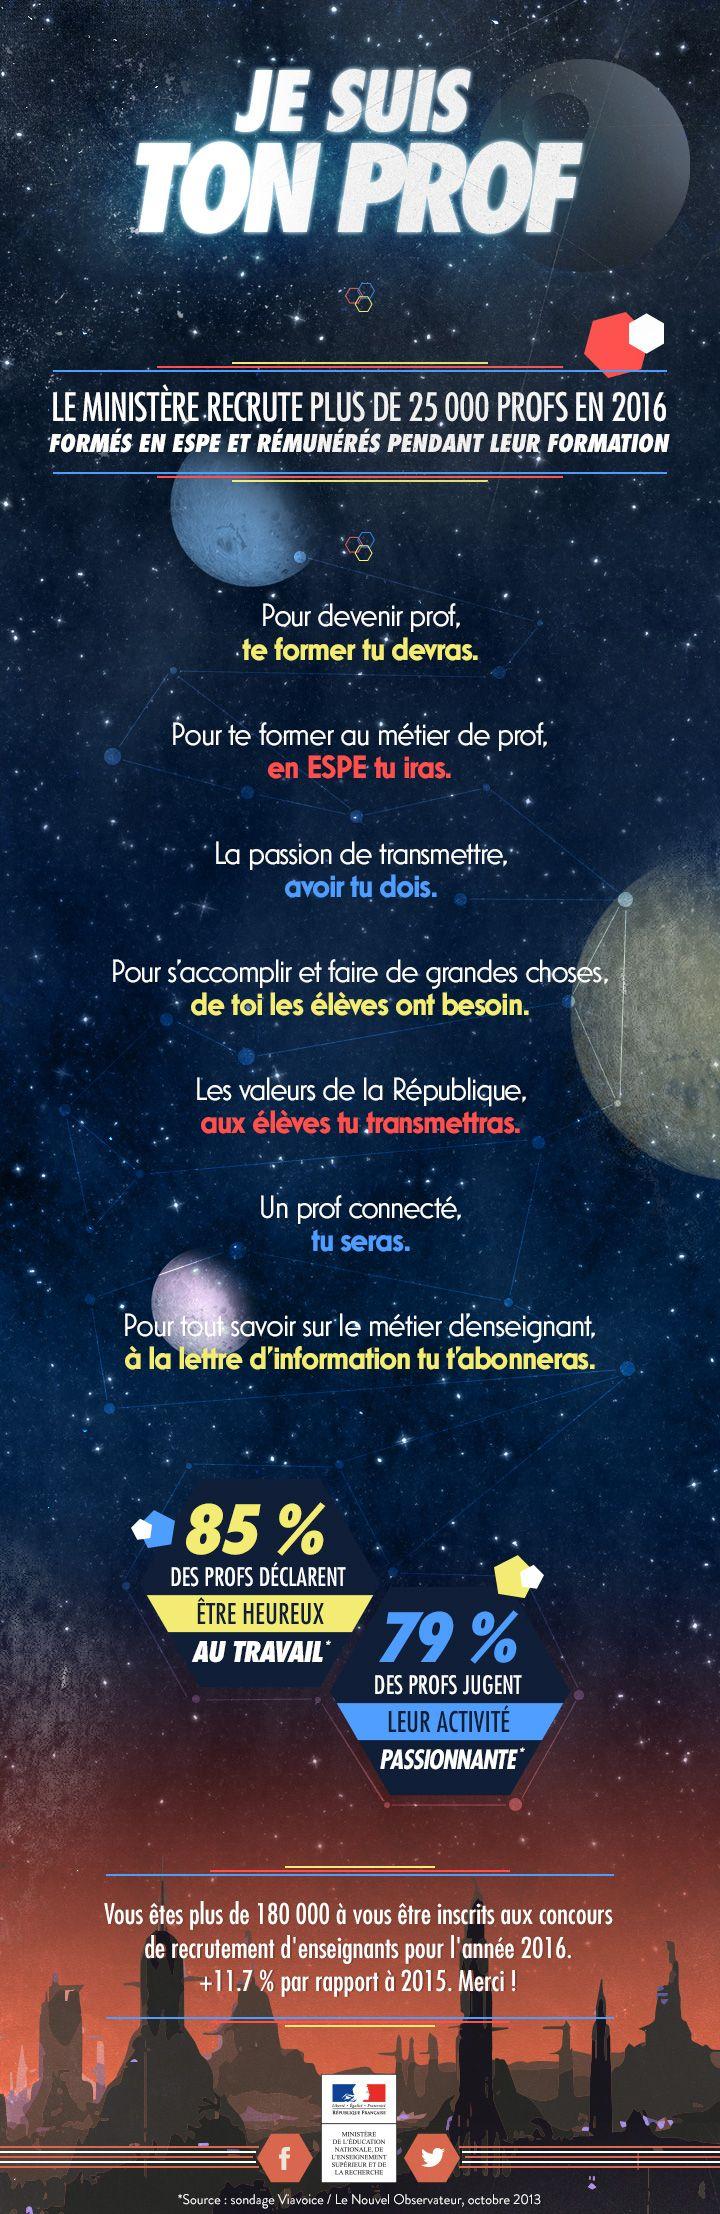 Envie de devenir enseignant ? Toutes les infos ici tu trouveras → http://educ.gouv.fr/c96681 #StarWarsForceAwakens